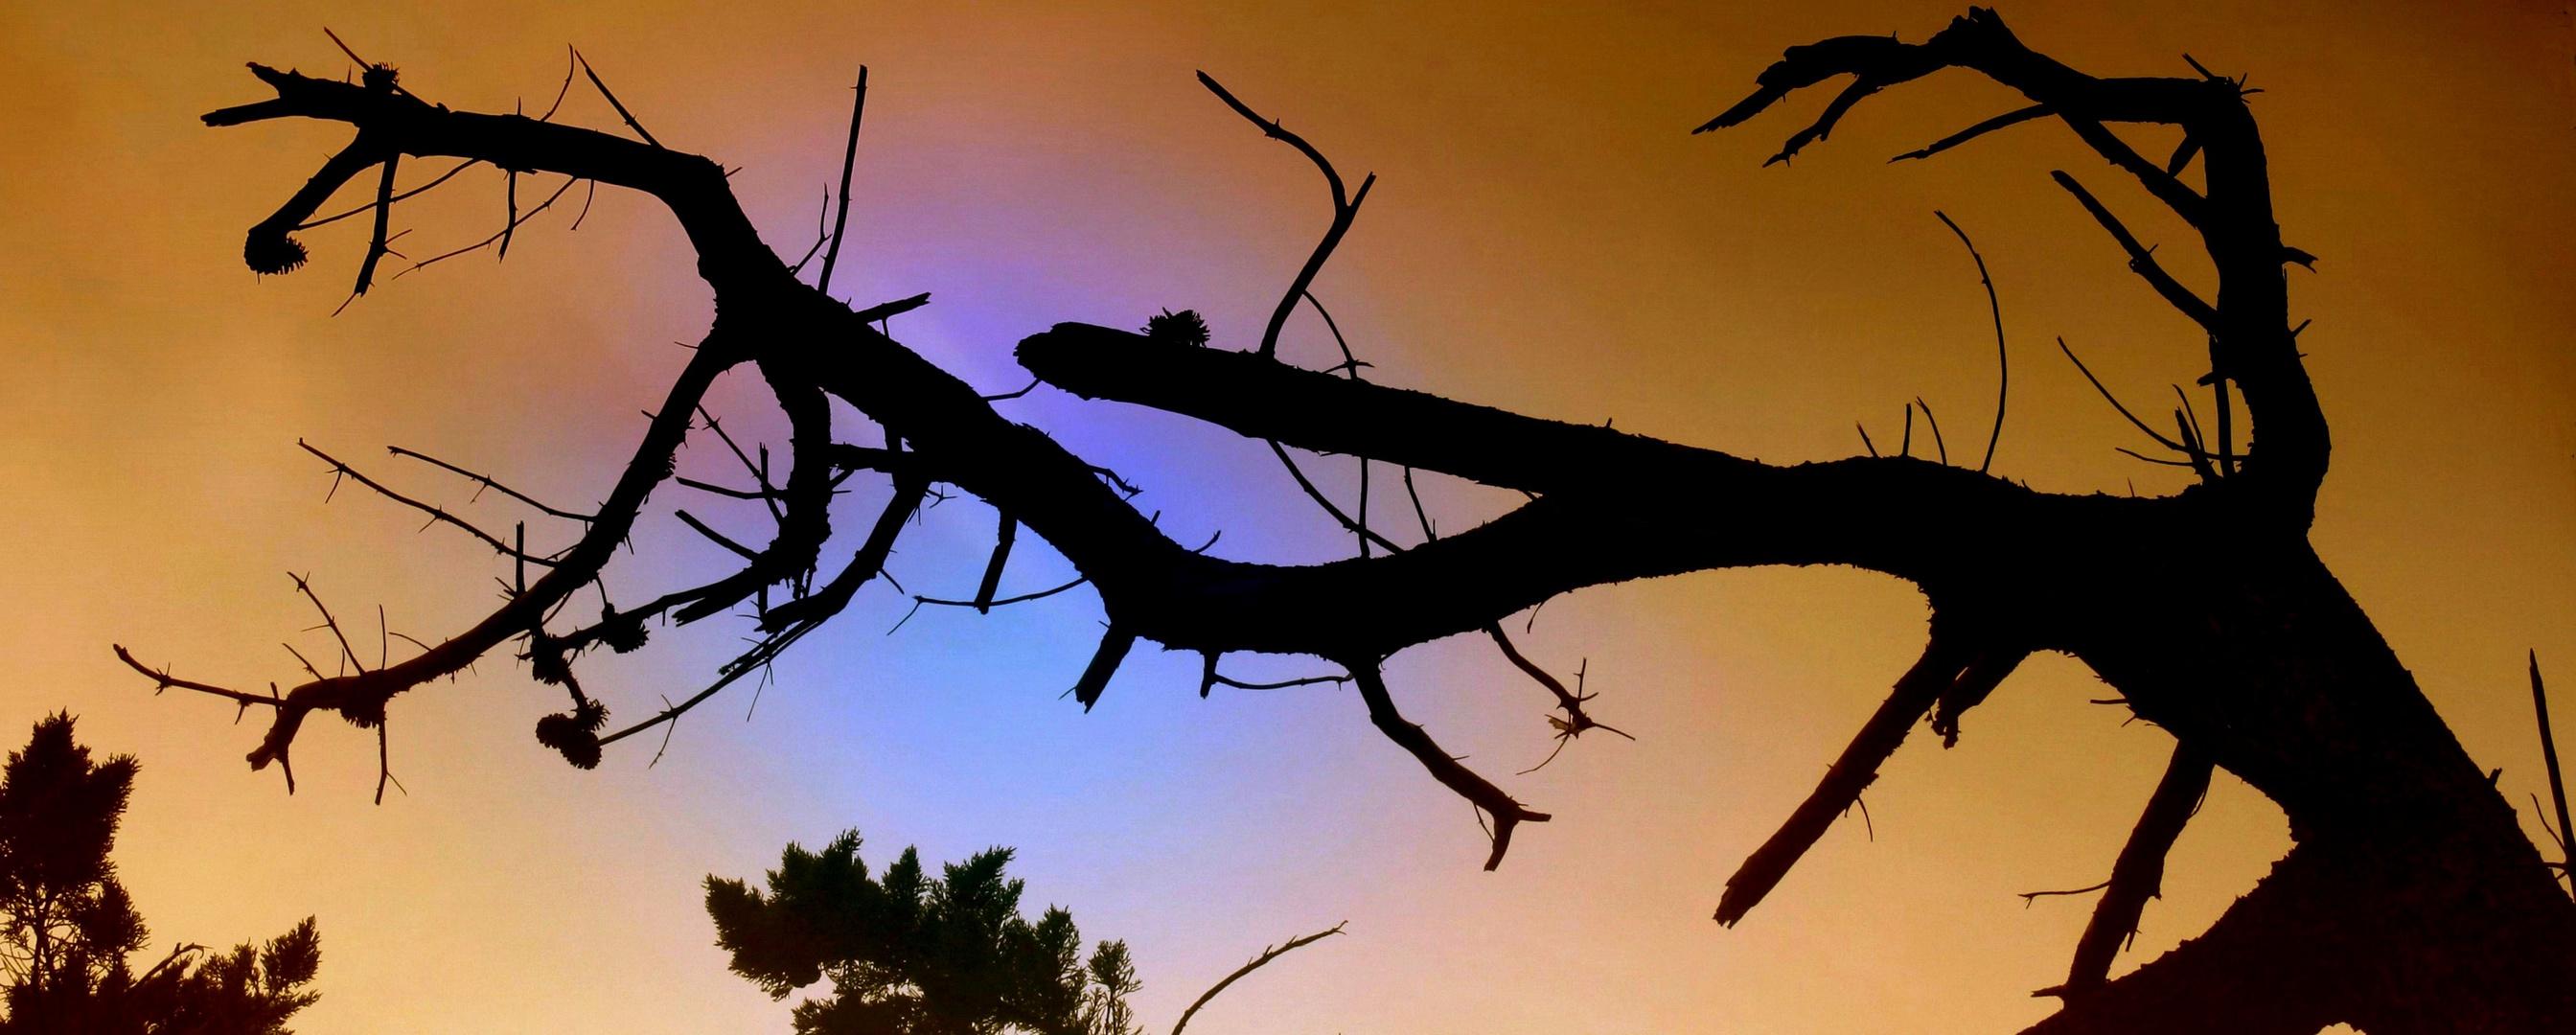 L'appel au secours de la forêt australienne...